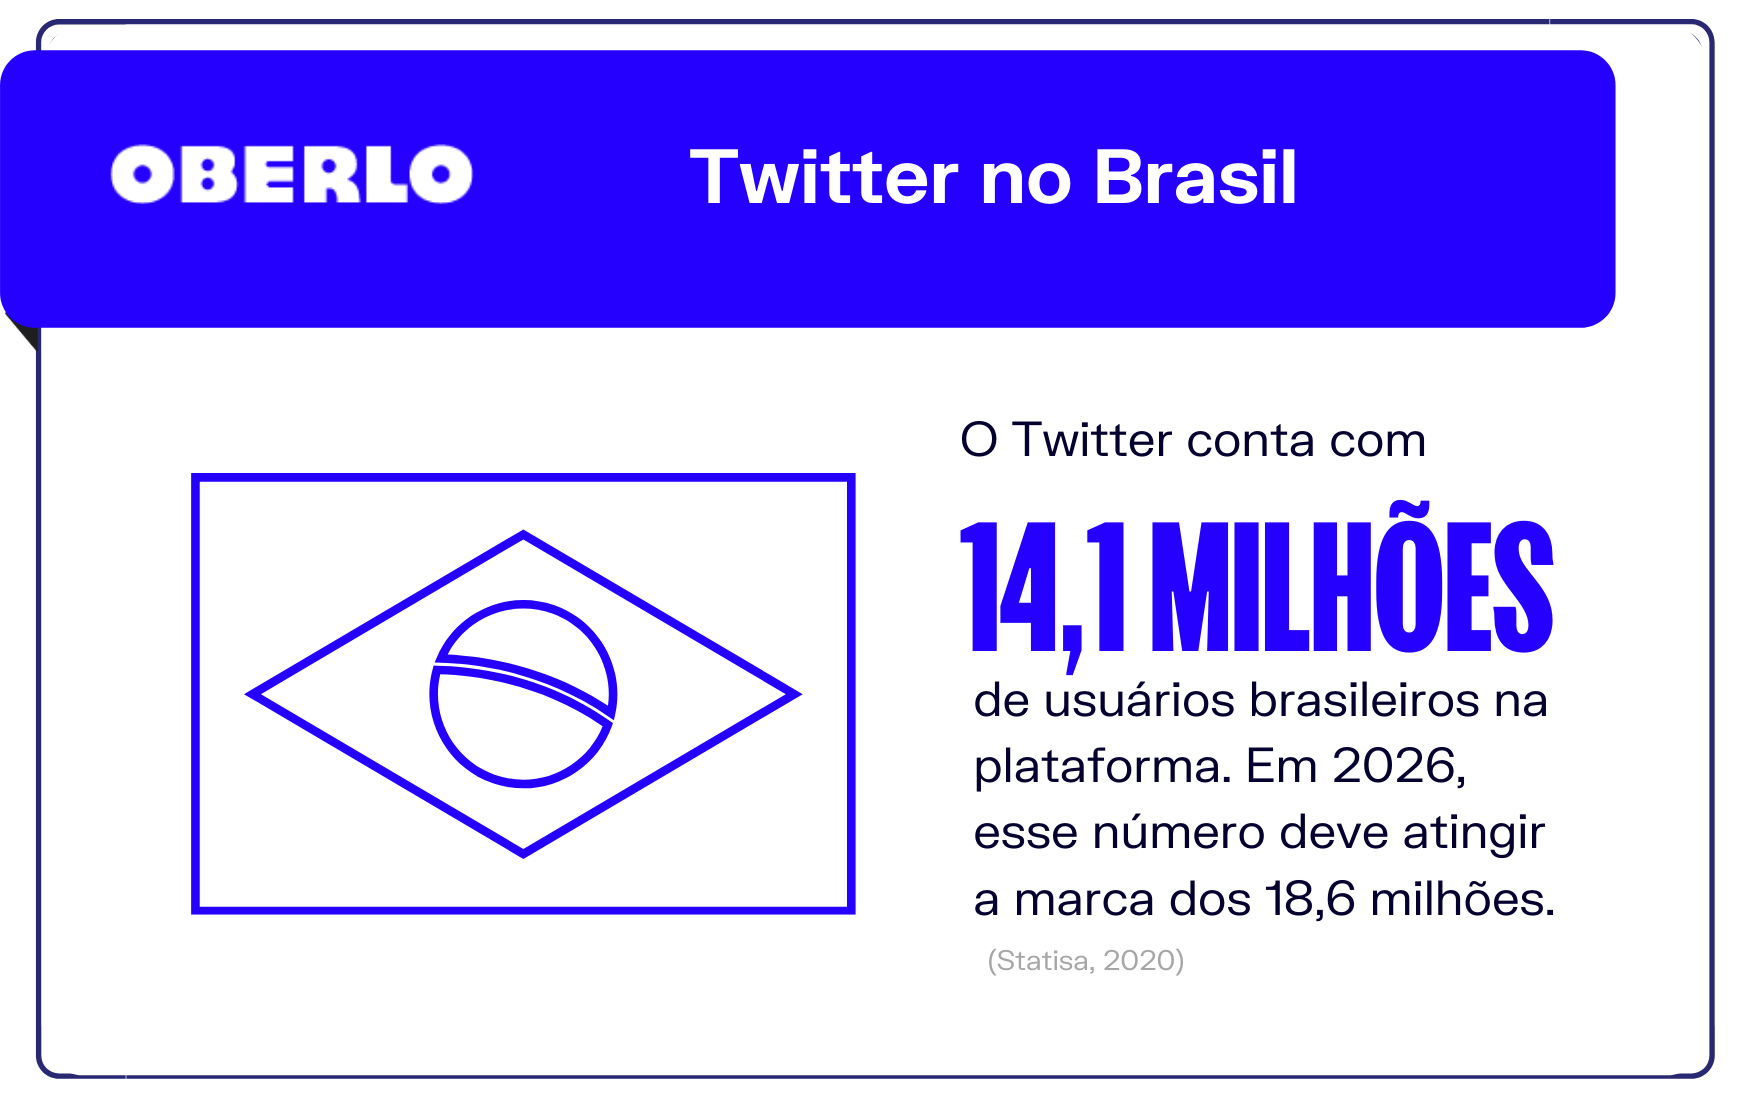 Estatísticas Twitter: Twitter no Brasil